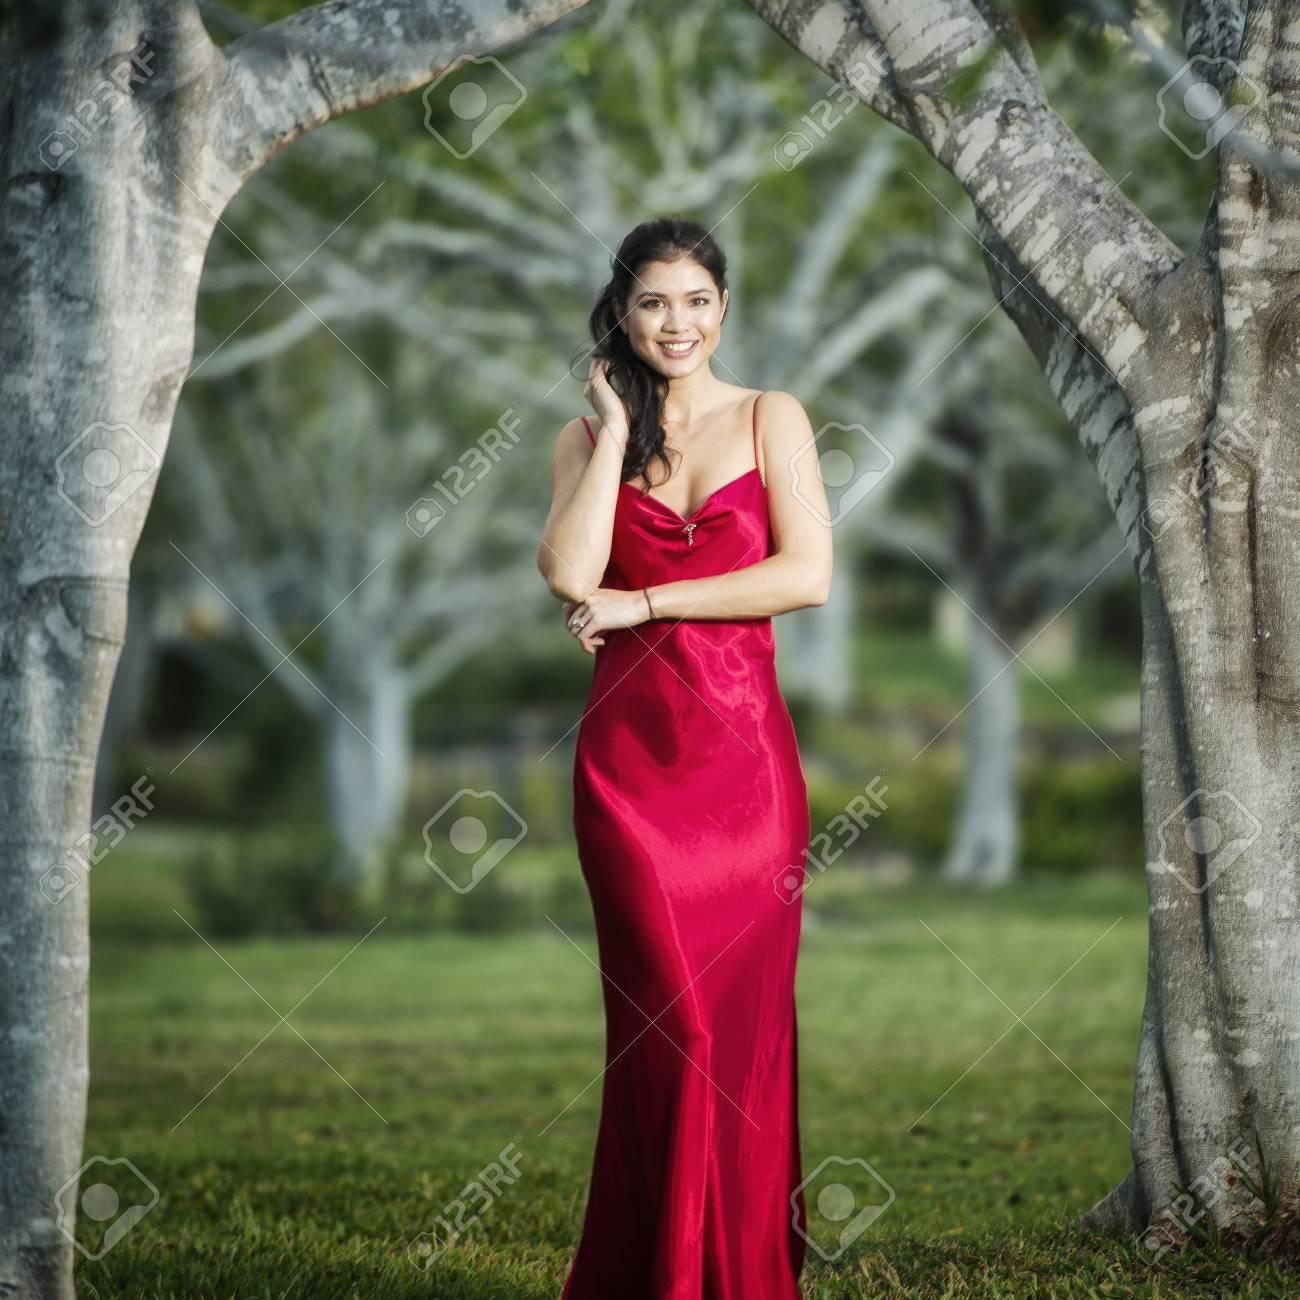 ac16379d5582b Banque d images - Belle jeune femme portant une longue robe de cérémonie en  soie rouge dans les jardins l après-midi.